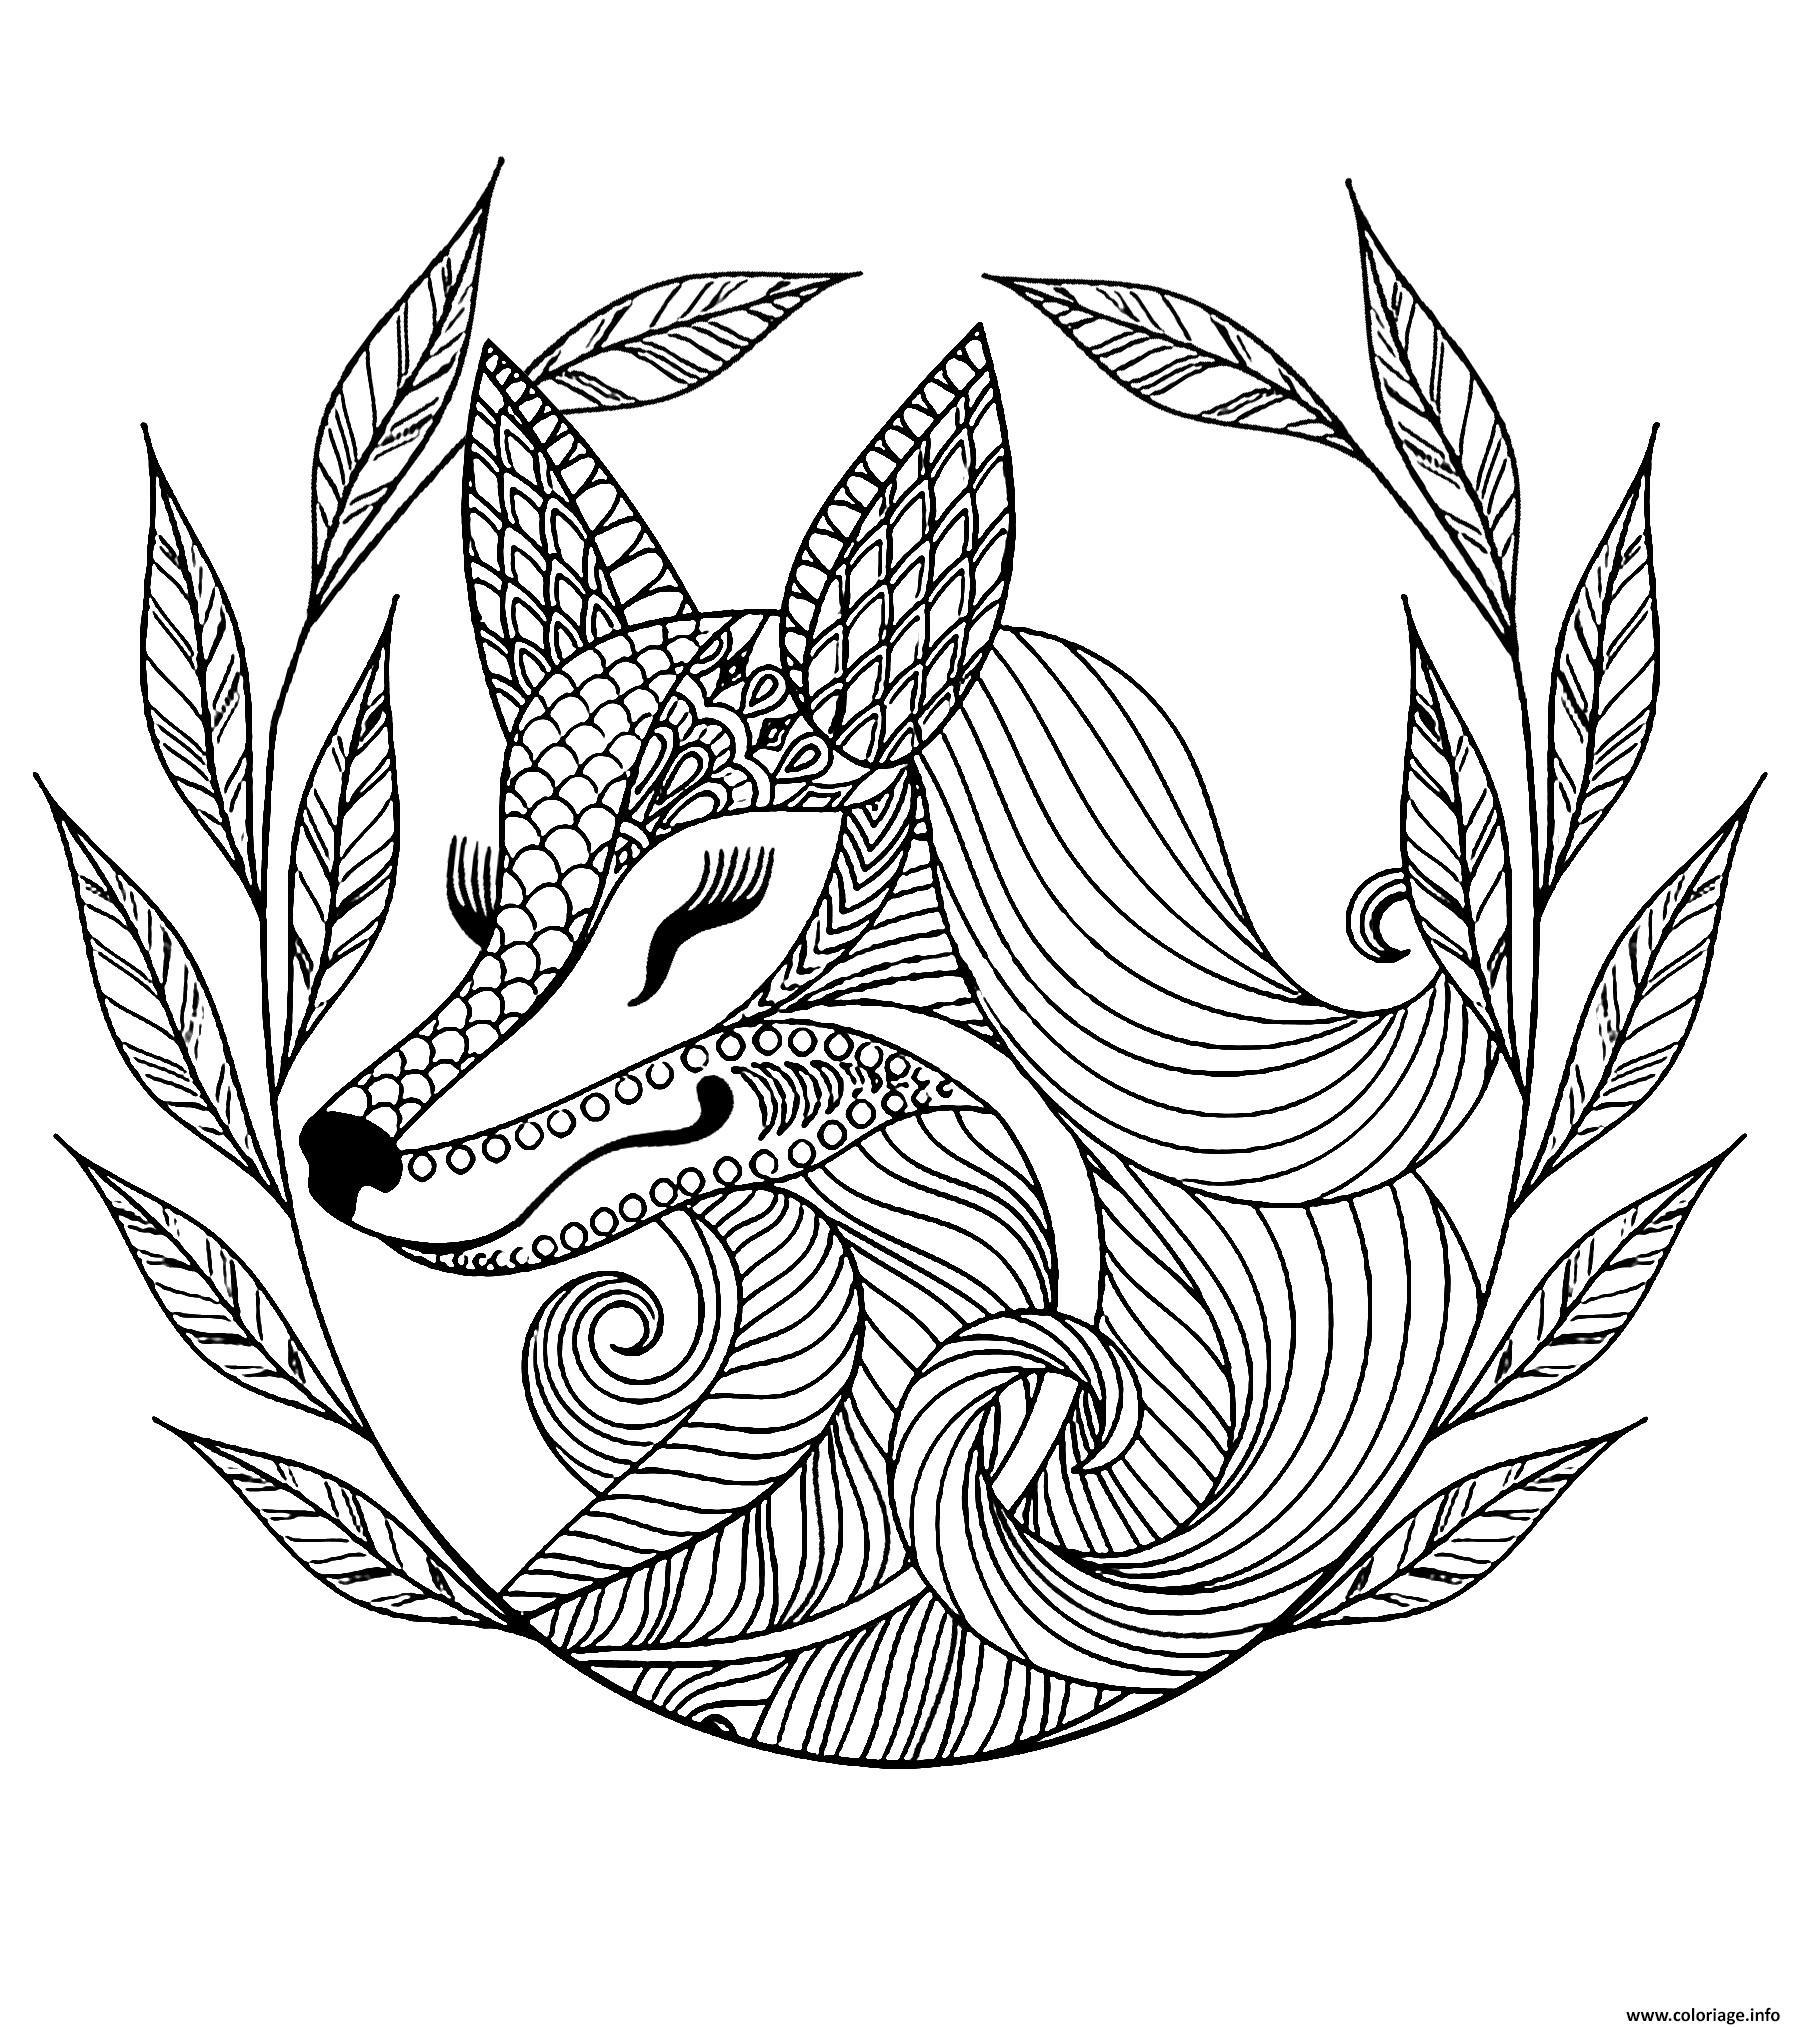 Dessin adulte difficile renard et feuilles Coloriage Gratuit à Imprimer